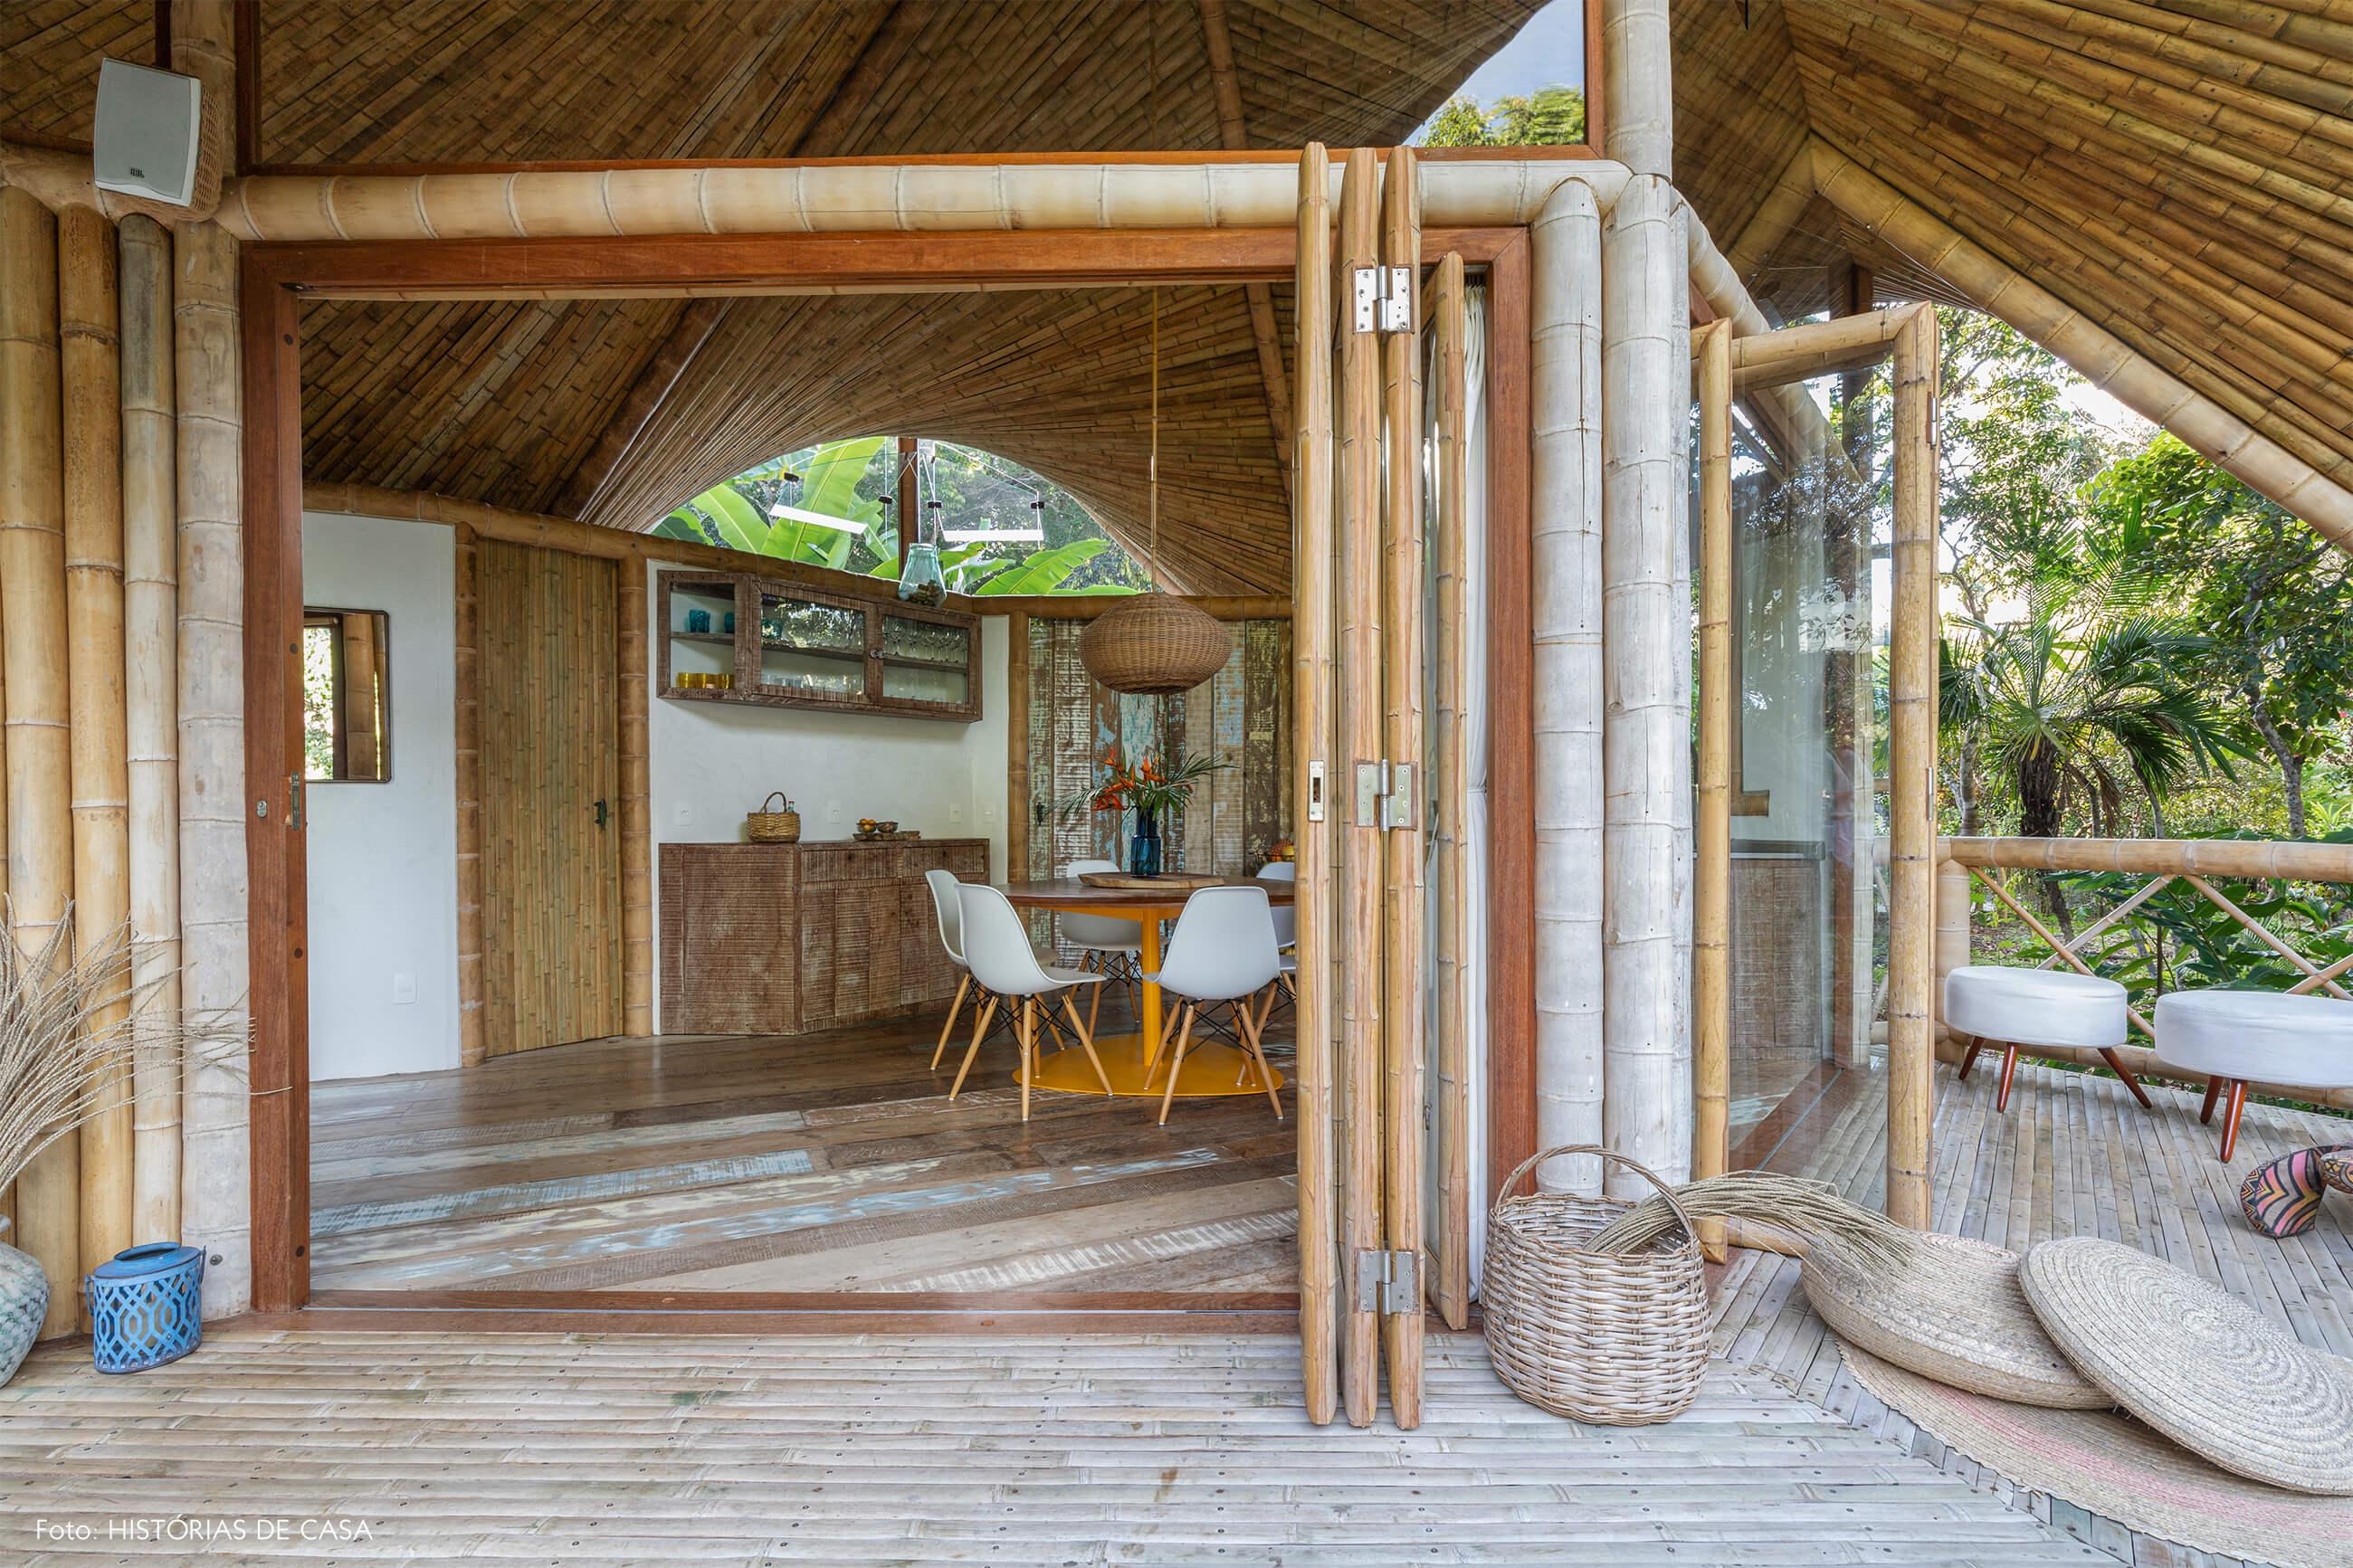 vilasete-hotel-decoracao-57-bambu-cadeira-eames-branca-vaso-azul-cesto-palha-puff-luminaria